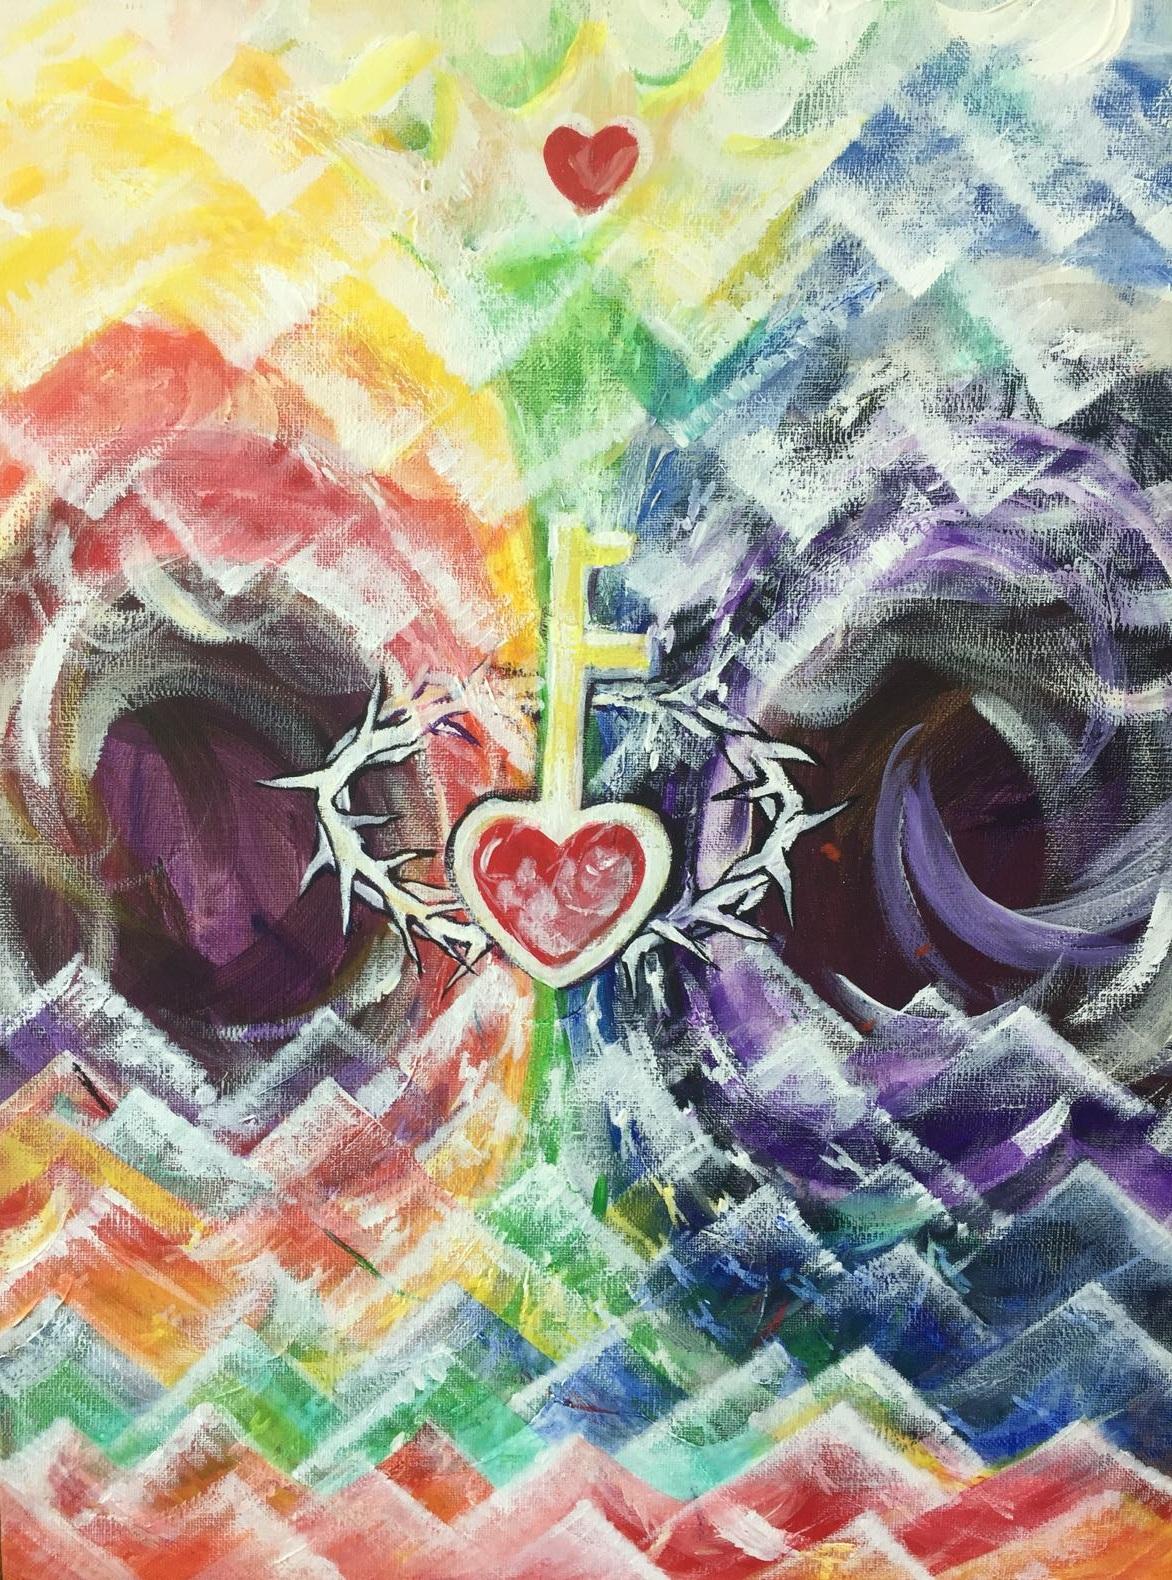 Key is Jesus!